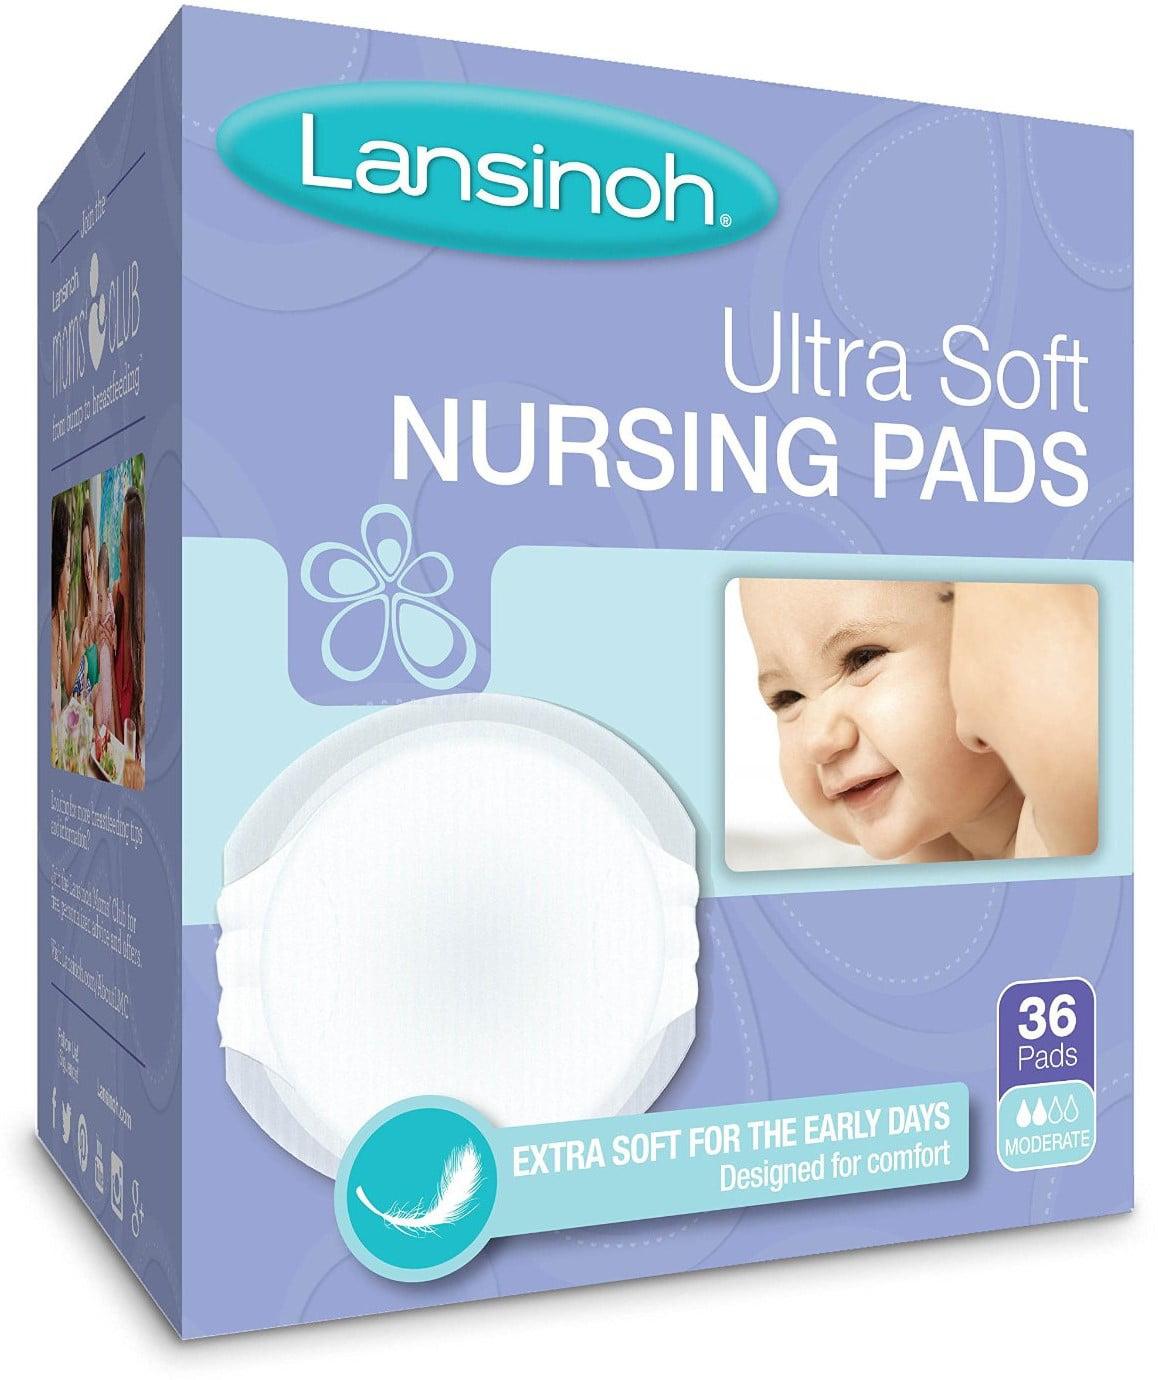 6 Pack Lansinoh Nursing Pads Disposable Ultra Soft 36 Each by Lansinoh